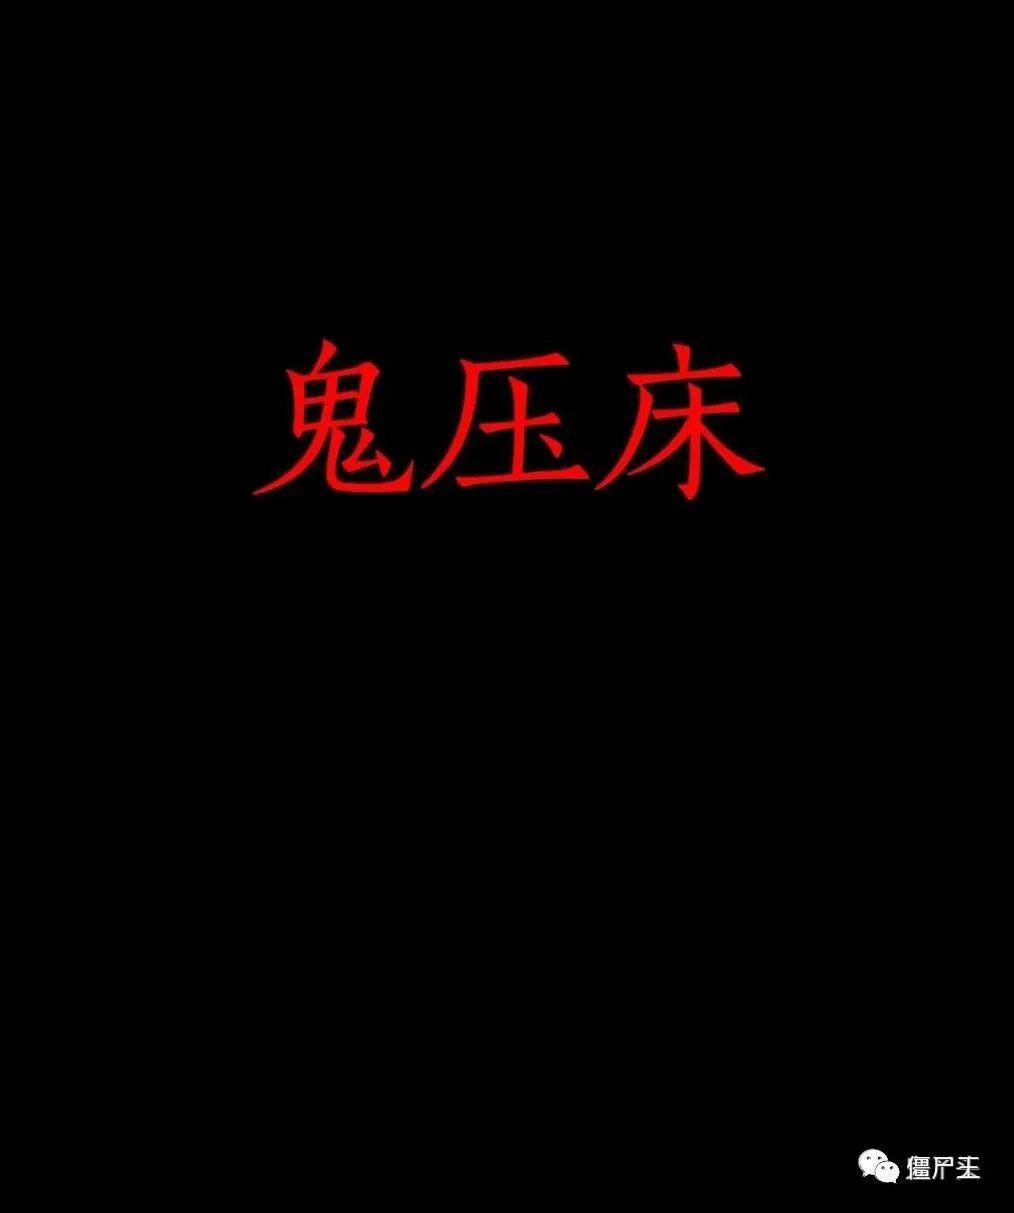 僵尸王漫画:鬼压床